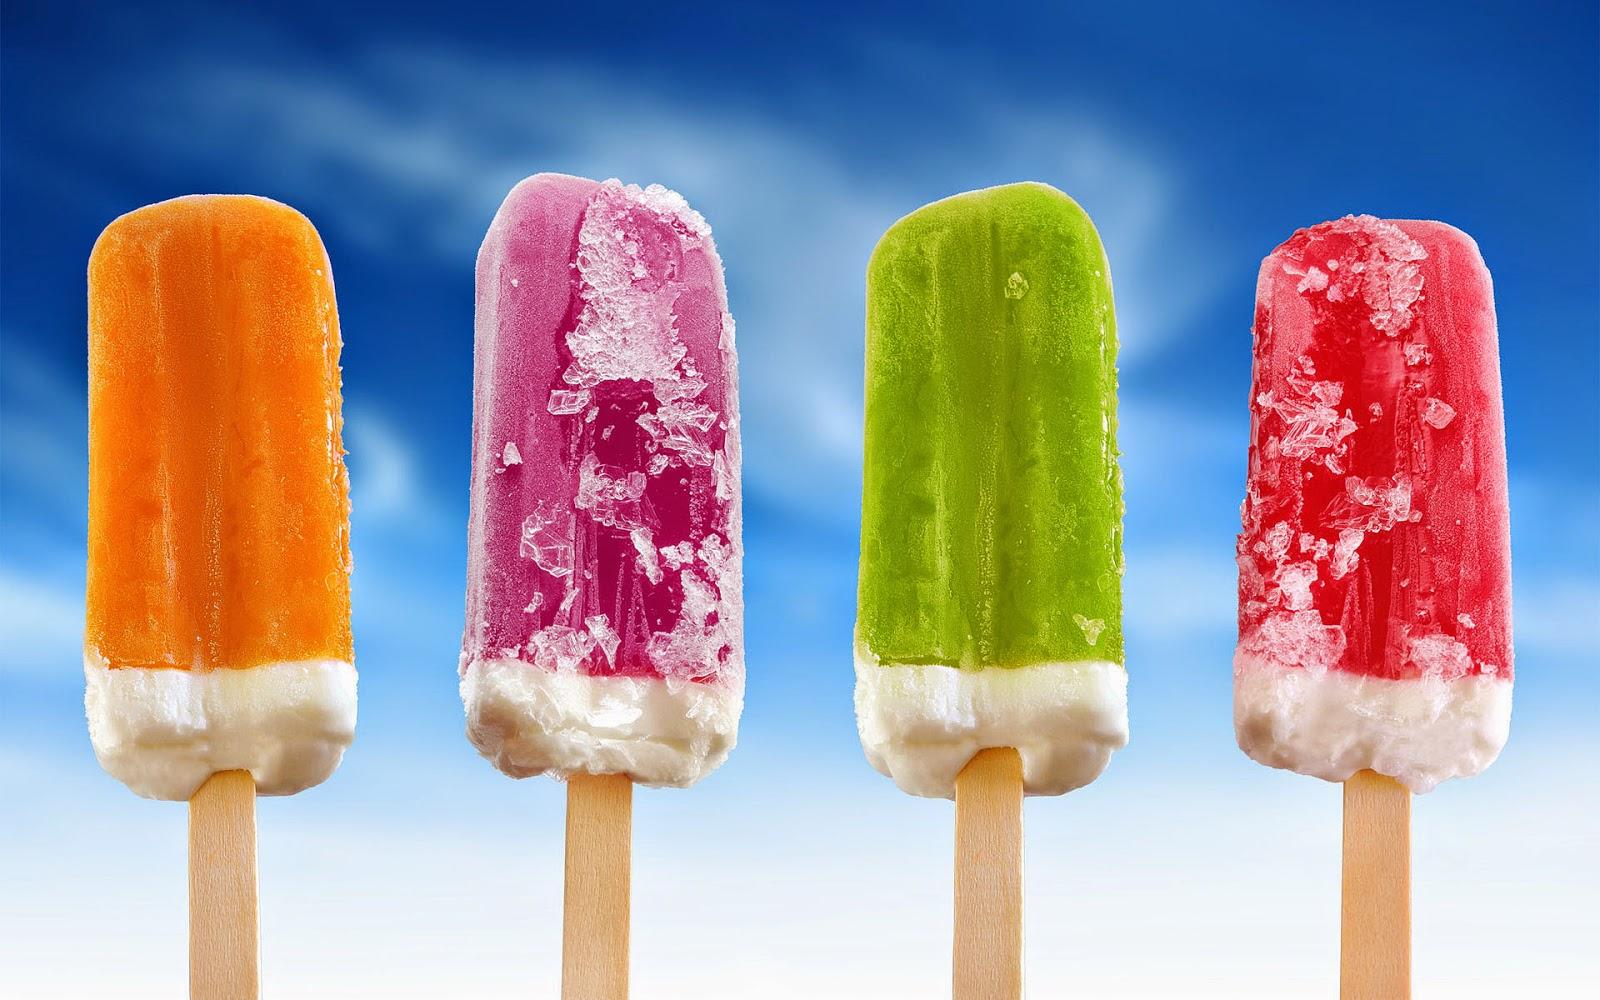 Achtergrond met ijsjes